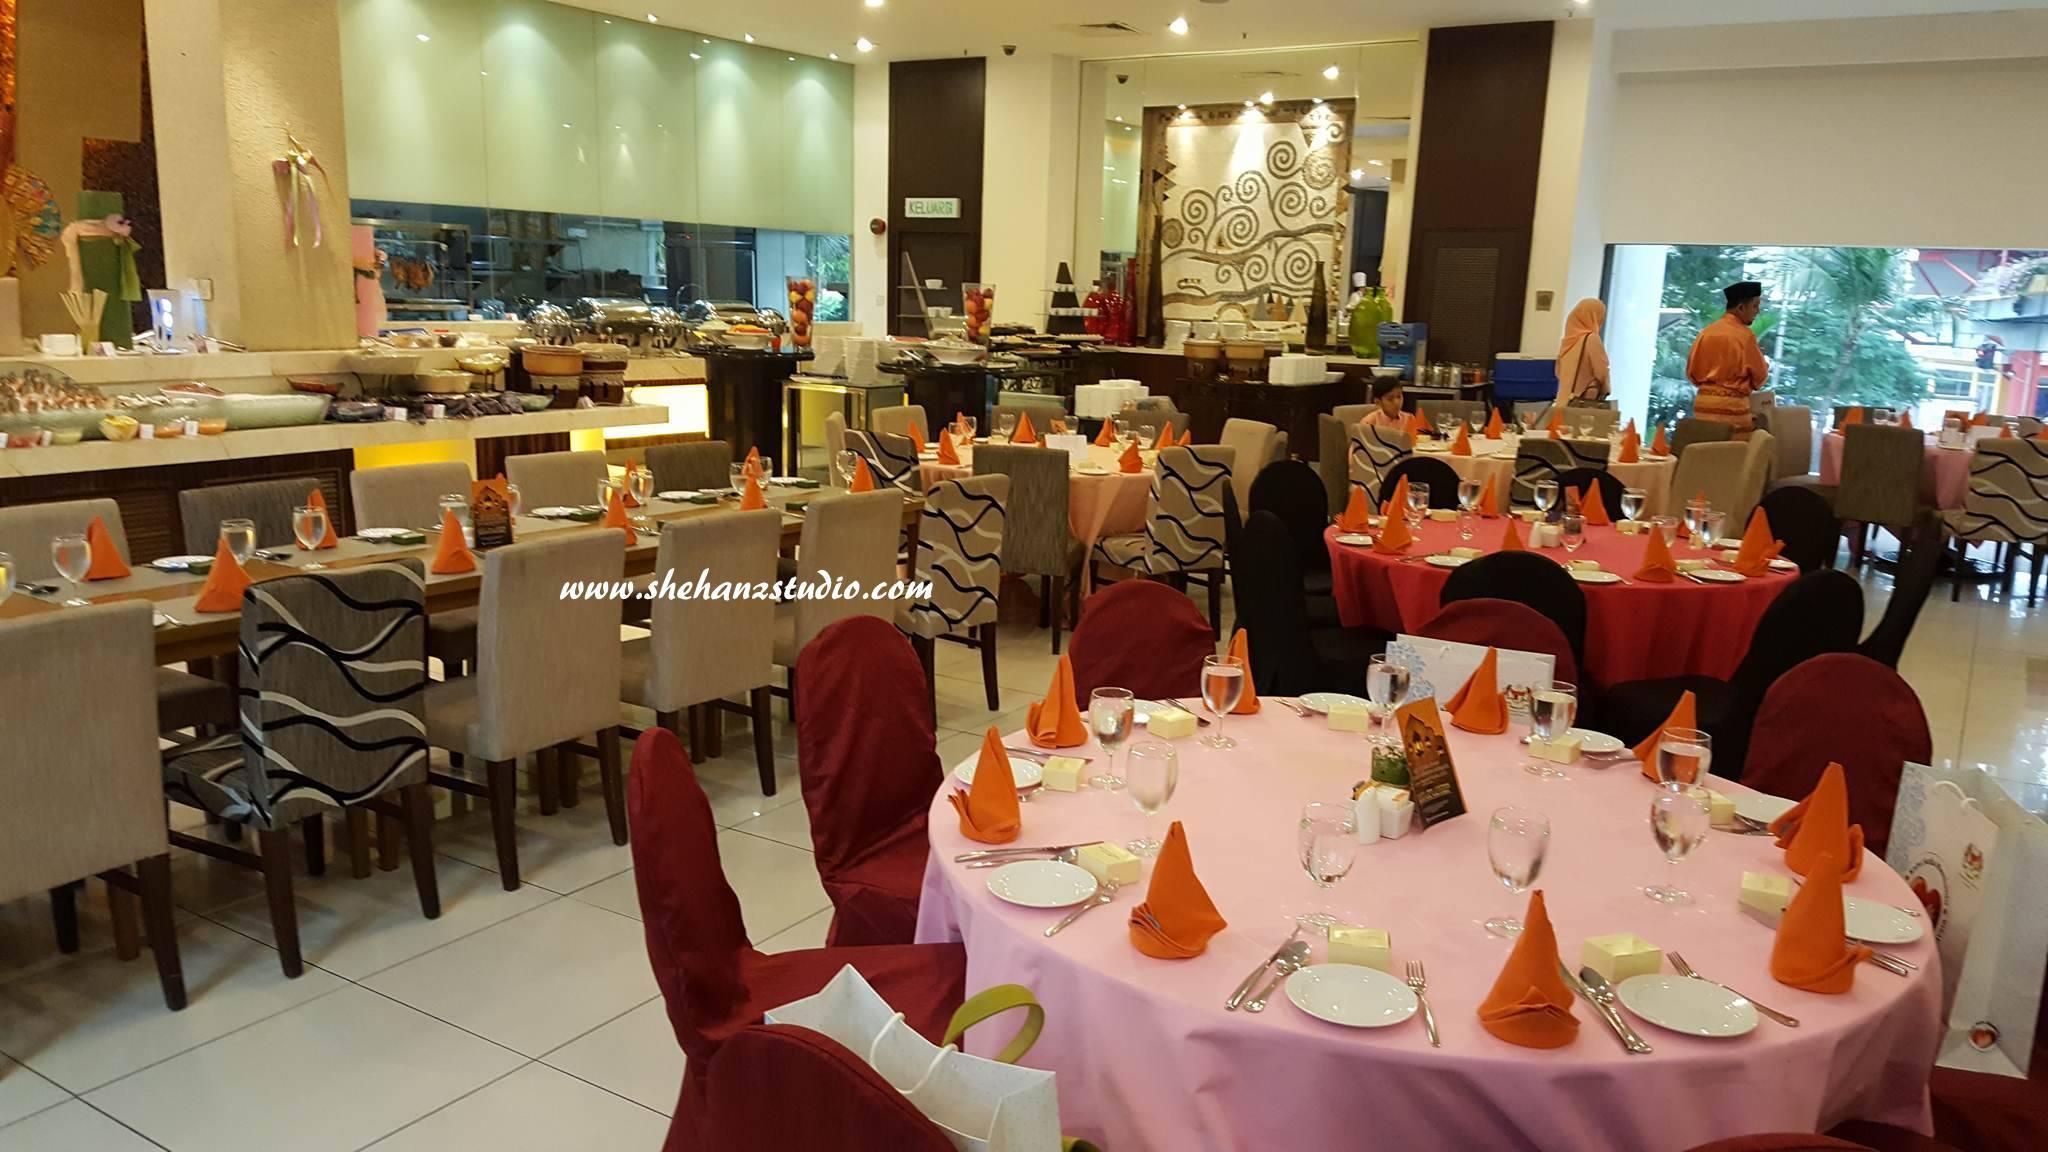 MENU IFTAR DI ZENDE RESTAURANT, SERI PACIFIC HOTEL Kami, team KBBA9 menerima jemputan kali ini untuk bersama-sama berbuka puasa bersama YB Menteri Kesihatan & pengamal media yang lain di sini. Suasana di Zende Restaurant ini sangat selesa dan nampak 'high class'. Sesuai majlis sebegini diadakan di sini.